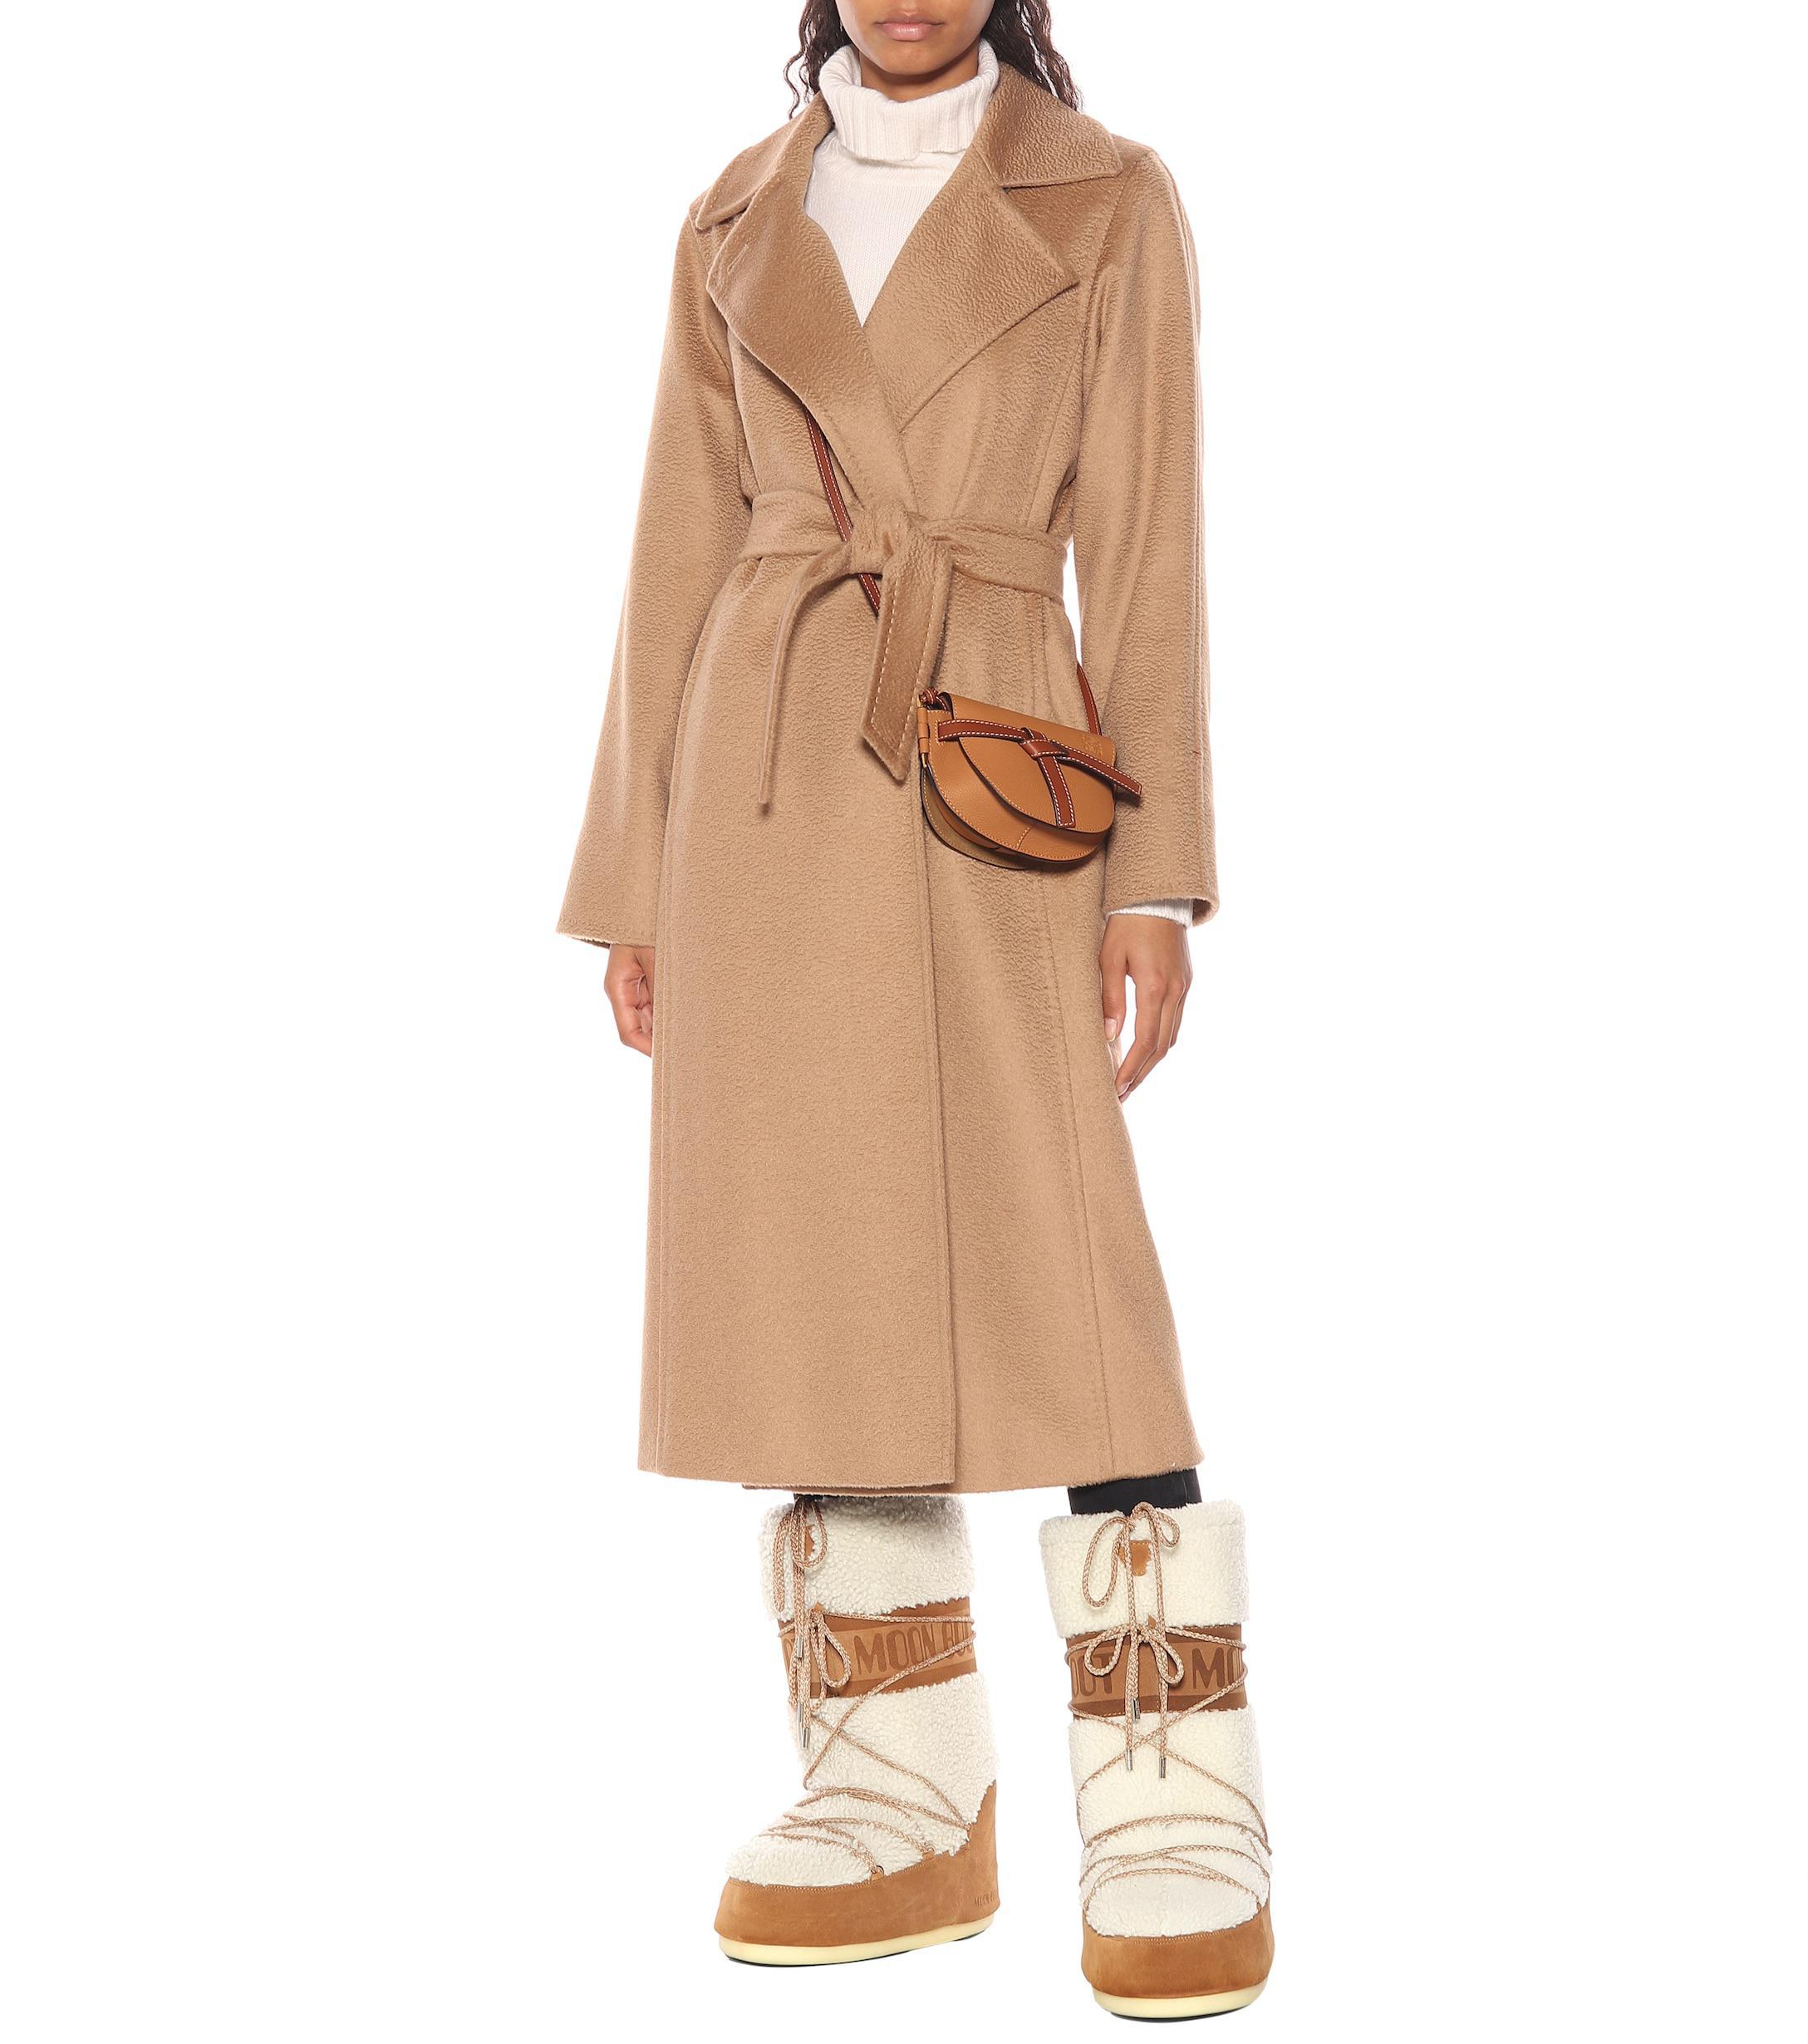 Botas de lana y gamuza Moon Boot de Lana de color Blanco